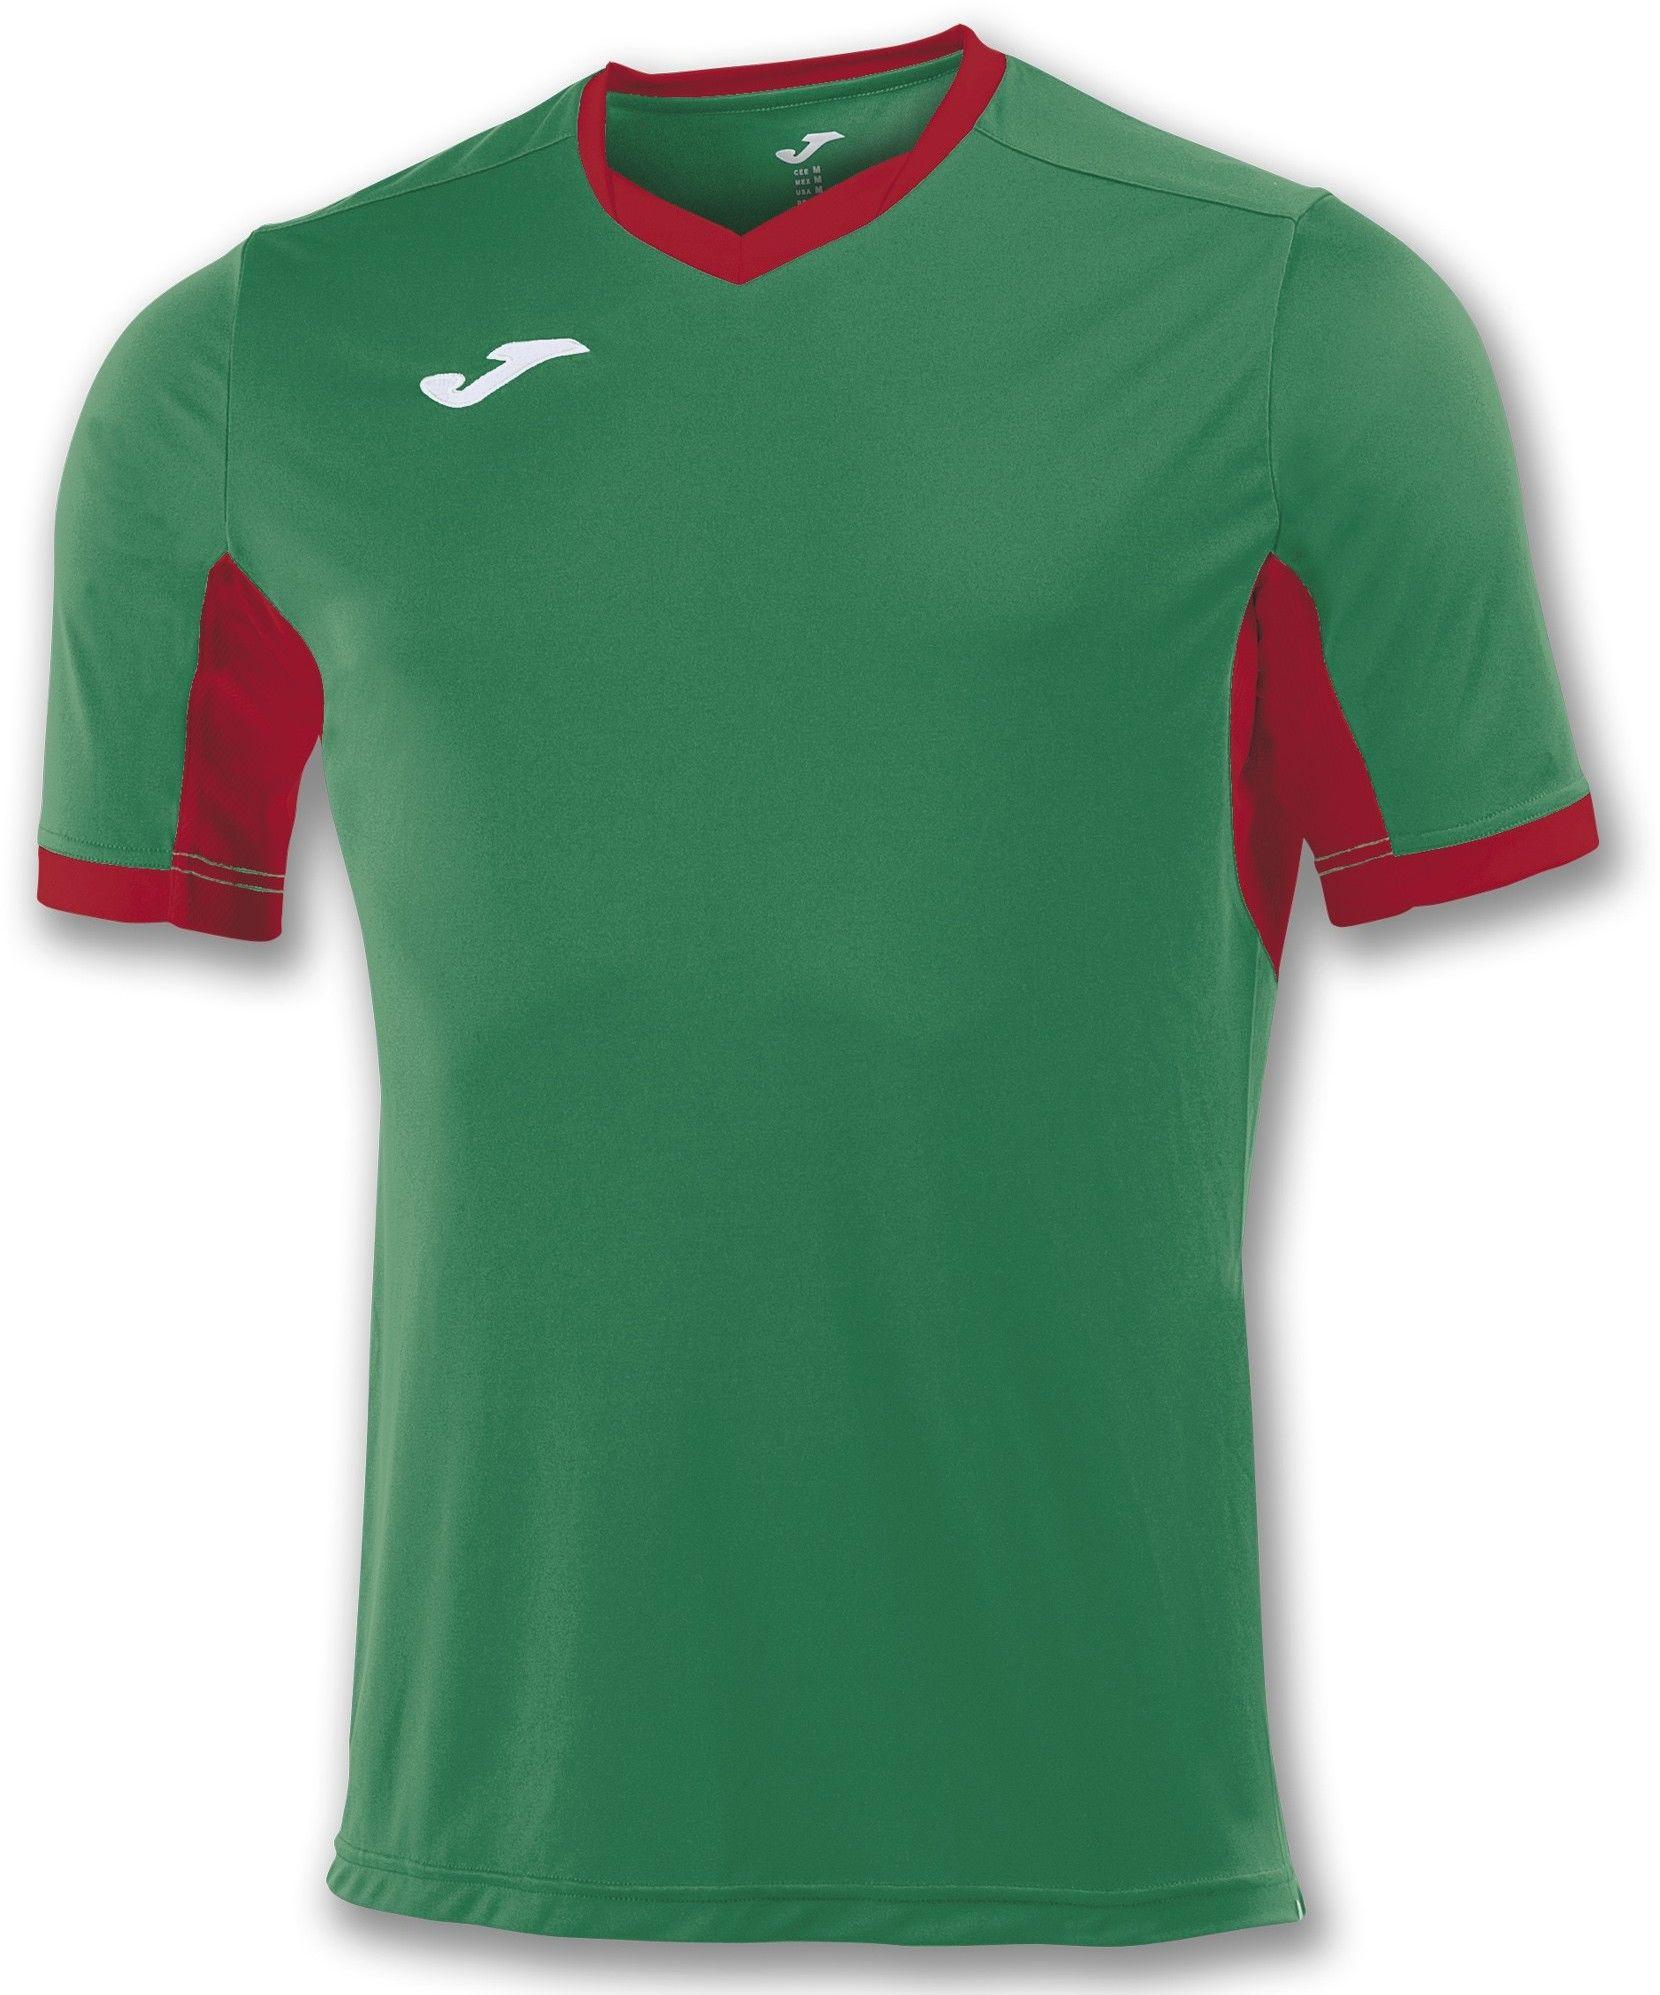 Koszulka Joma Champion IV green medium/red (10 szt.)